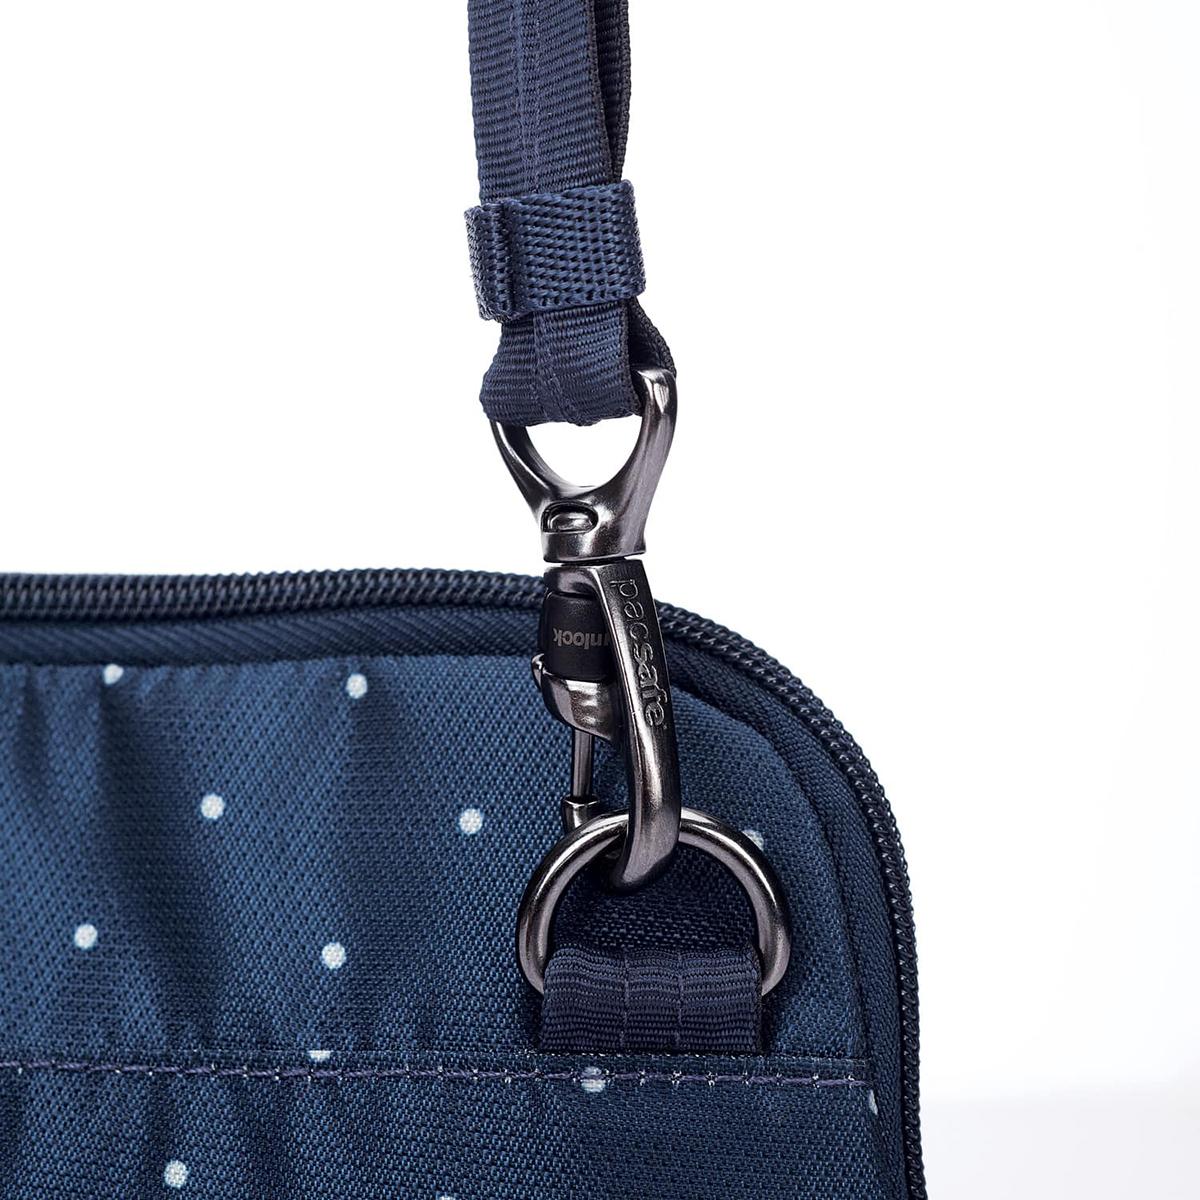 PacSafe-DaySafe-Anti-Theft-Slim-Crossbody-Bag thumbnail 9